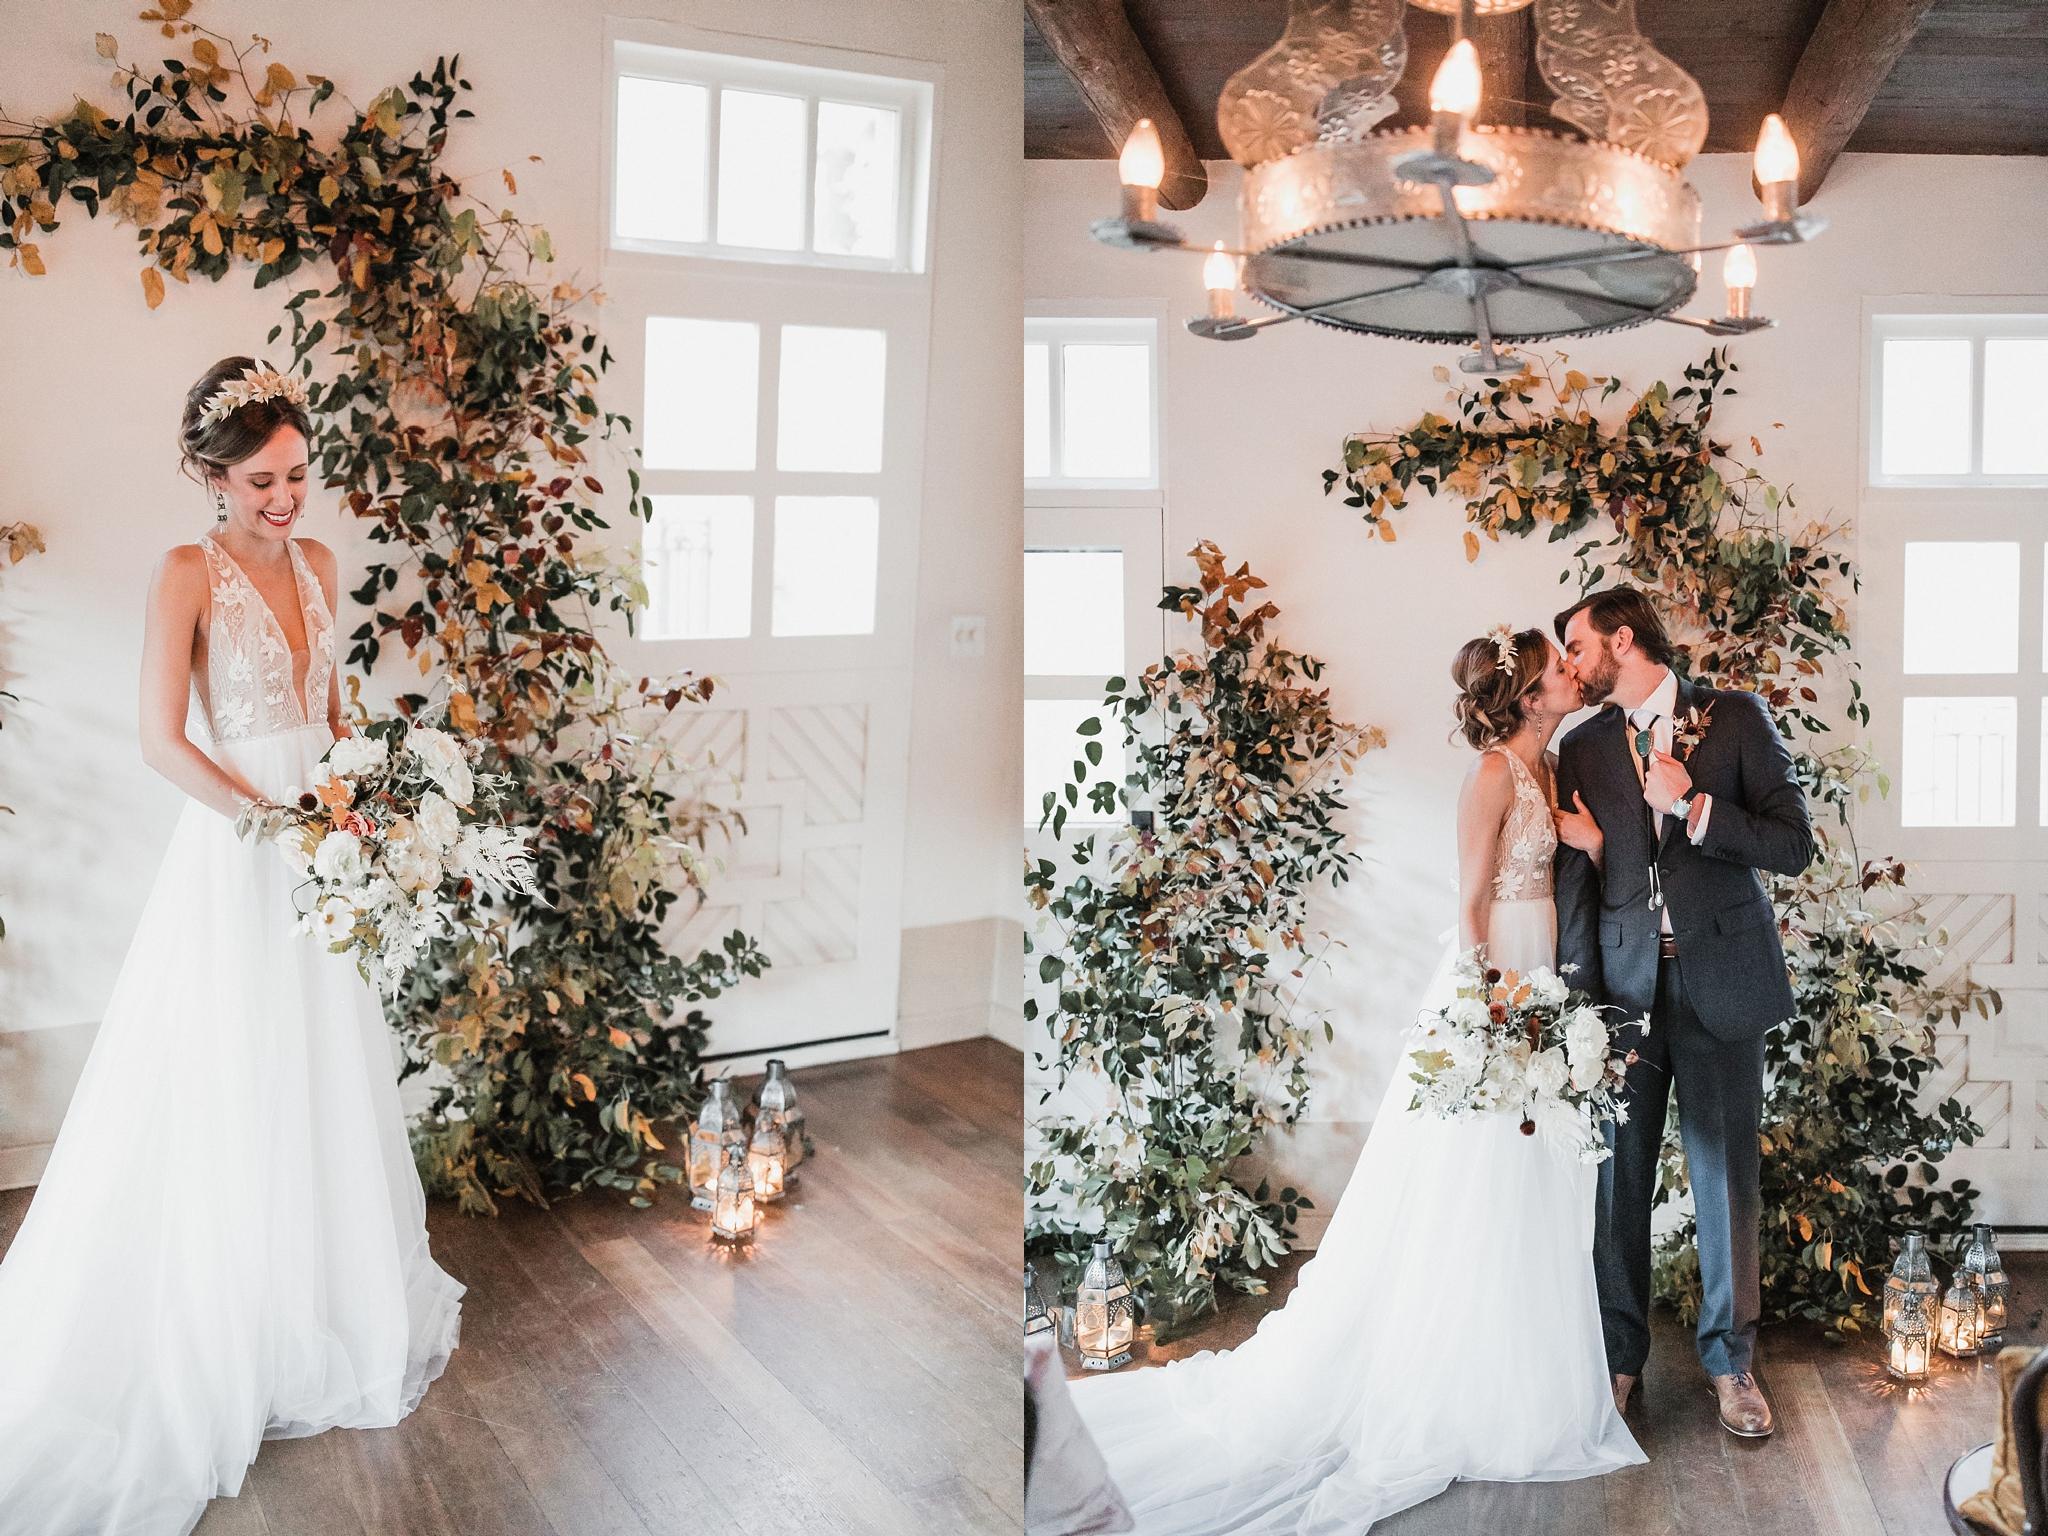 Alicia+lucia+photography+-+albuquerque+wedding+photographer+-+santa+fe+wedding+photography+-+new+mexico+wedding+photographer+-+wedding+ceremony+-+wedding+alter+-+floral+alter_0022.jpg